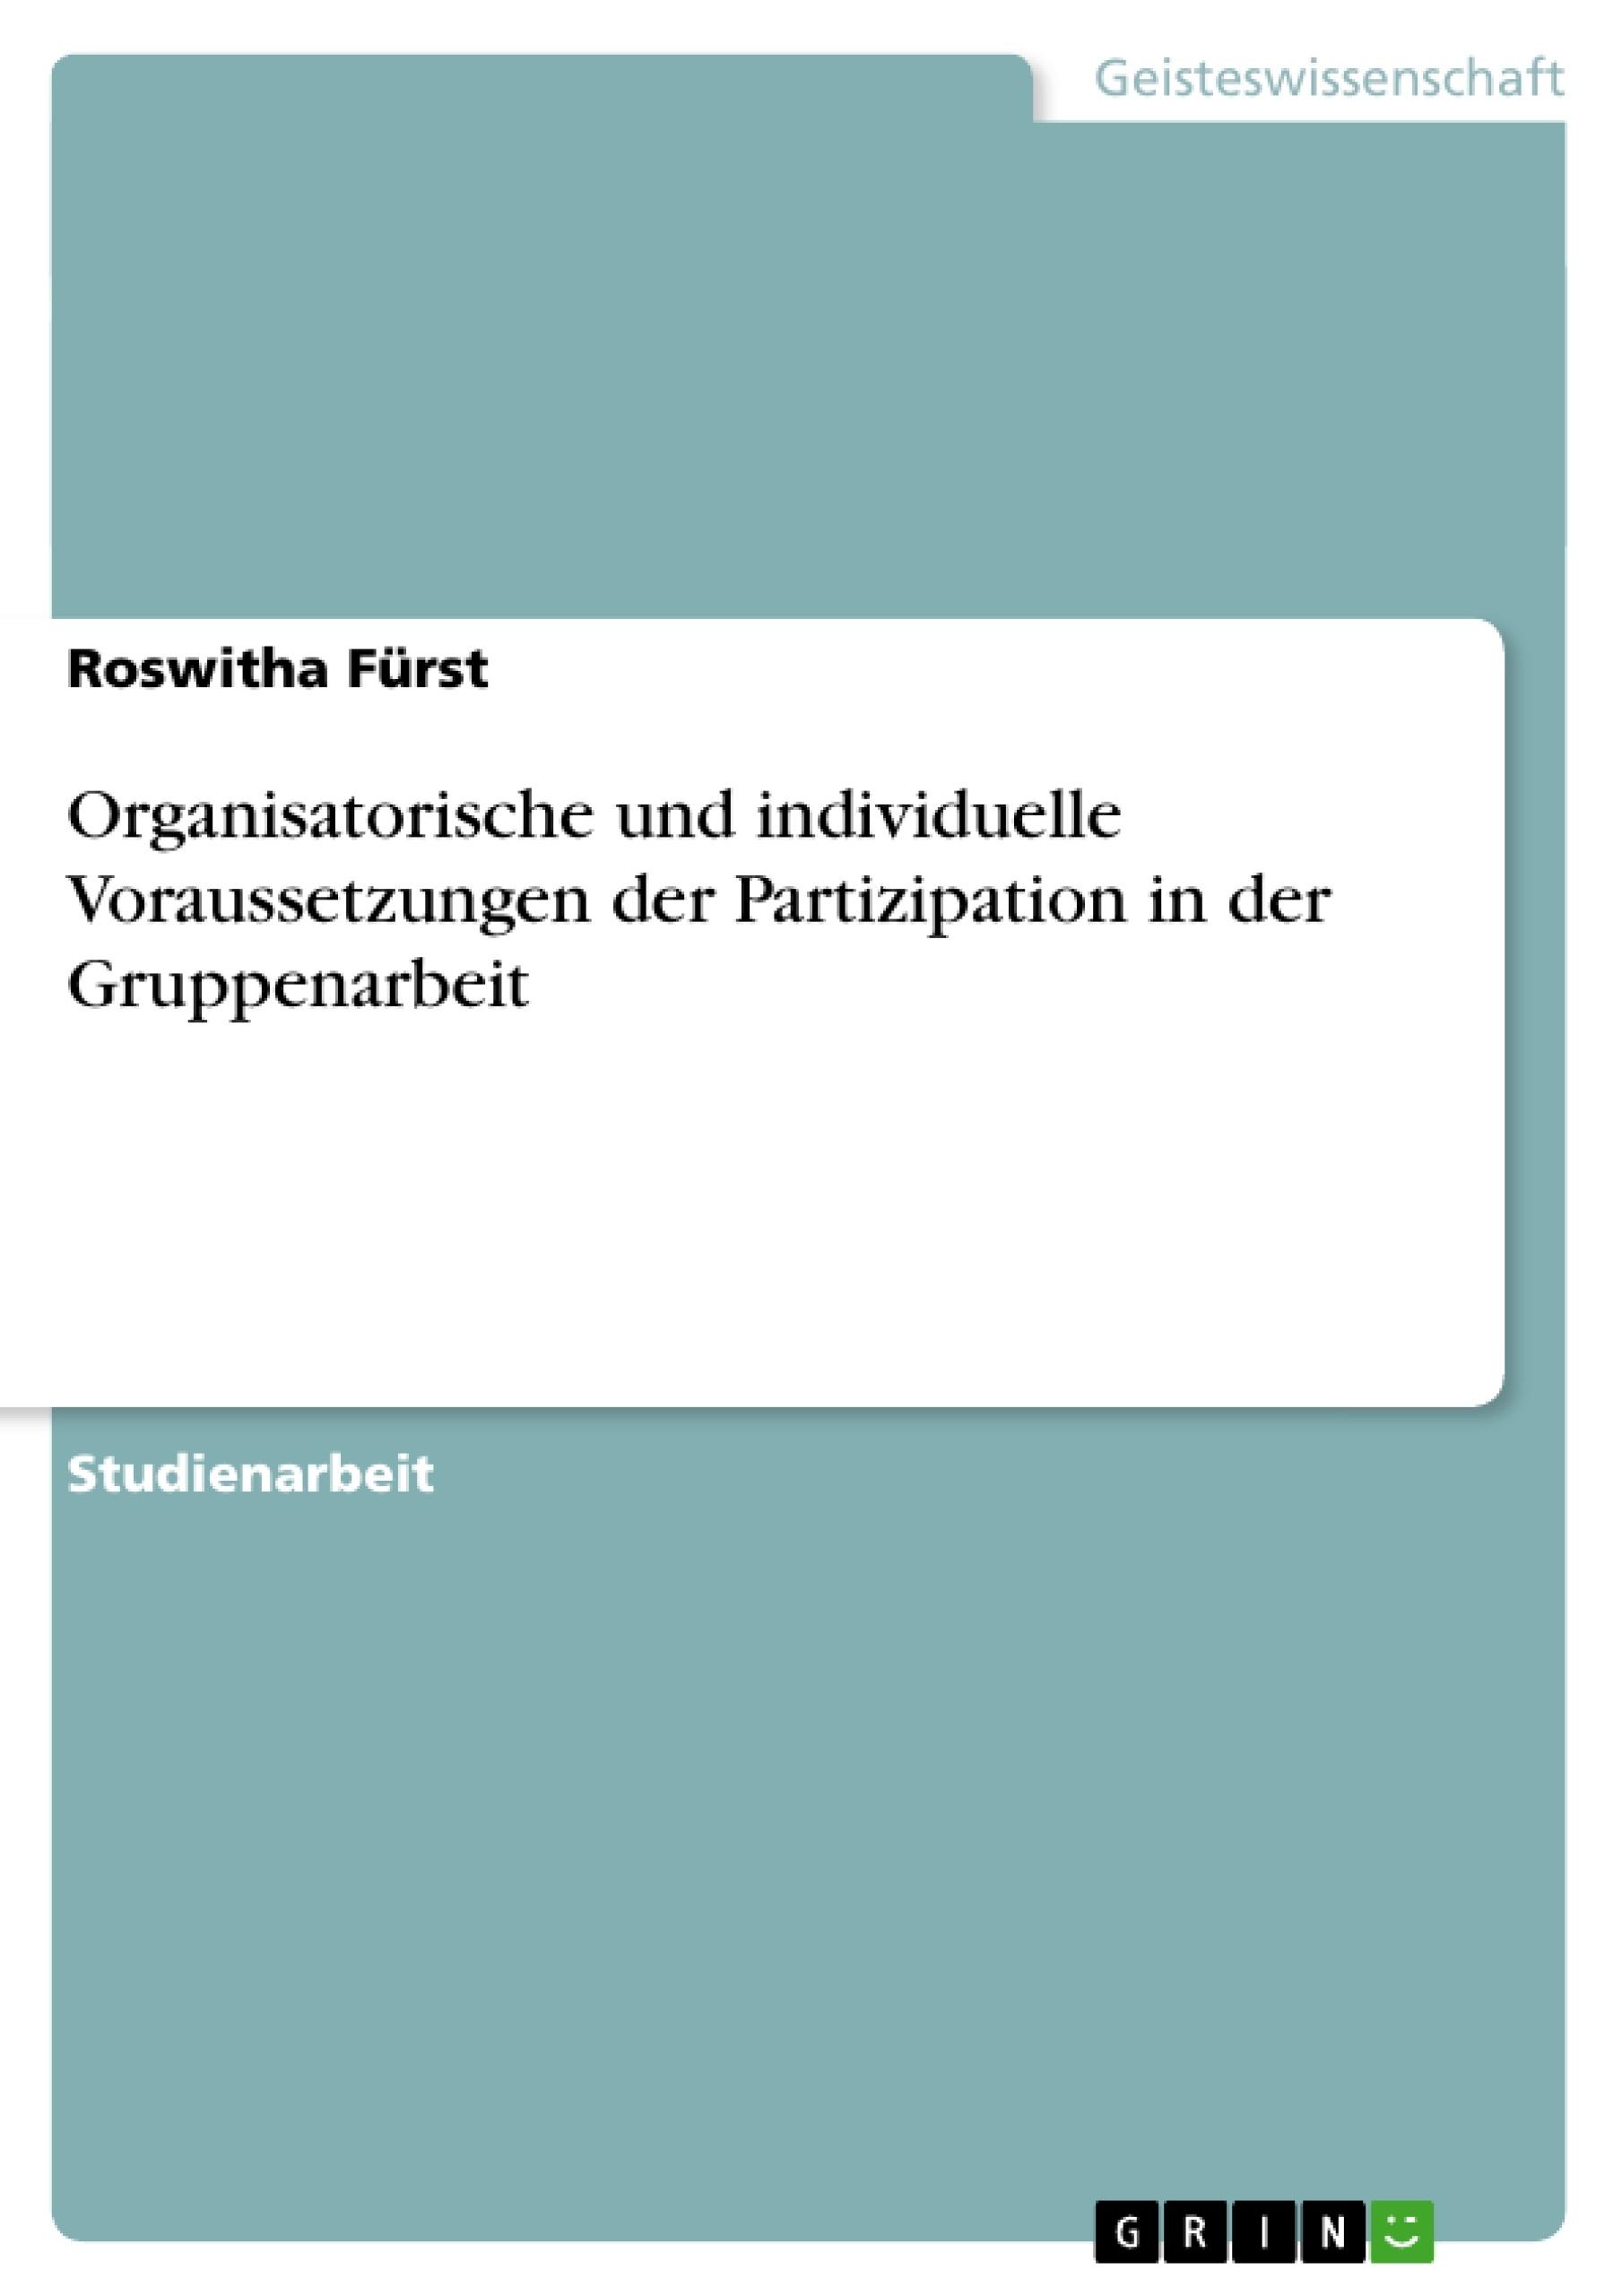 Titel: Organisatorische und individuelle Voraussetzungen der Partizipation in der Gruppenarbeit